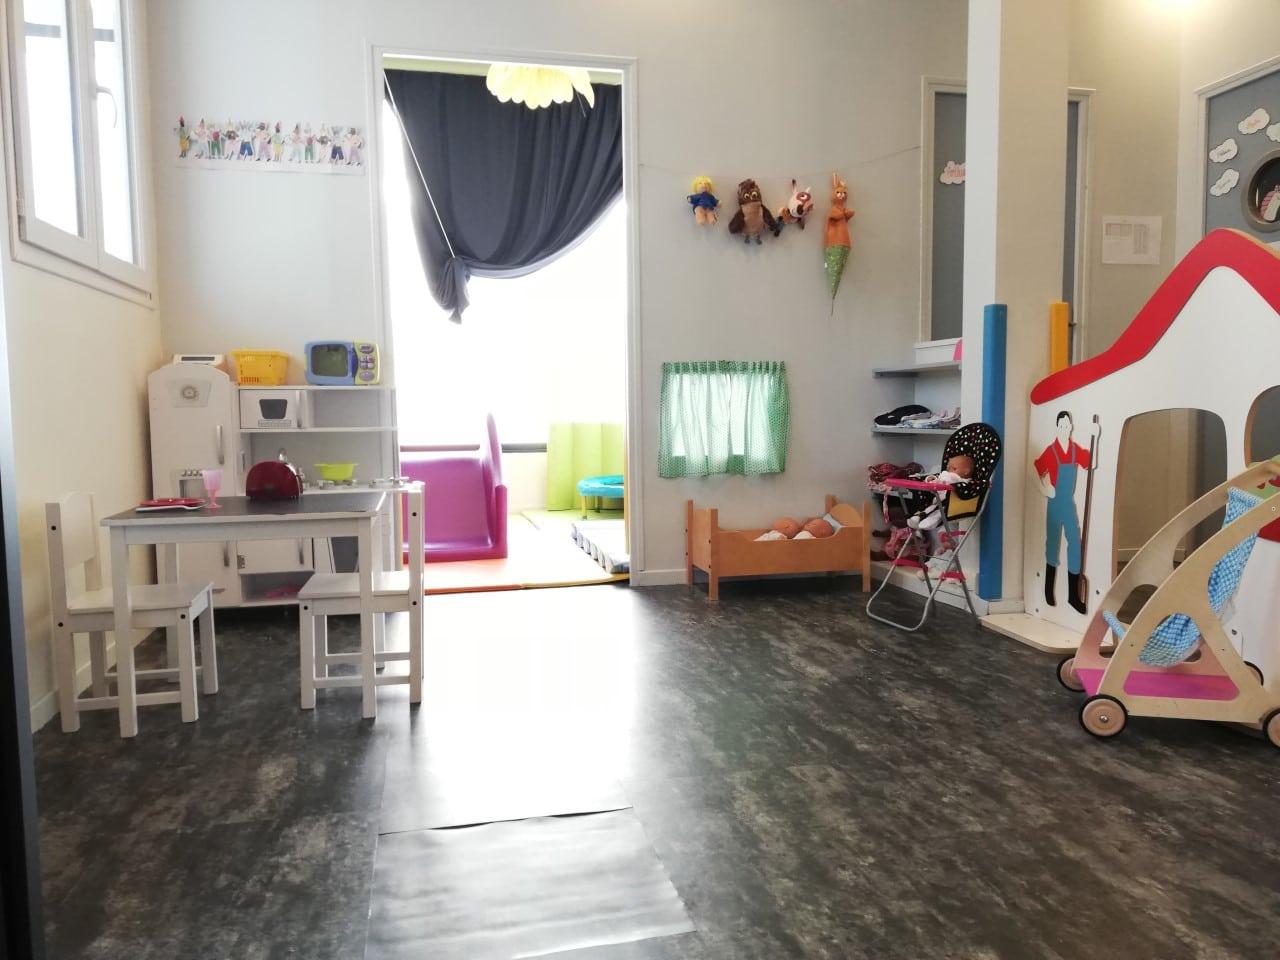 Salle de jeux - Micro-crèche Fushia Le Havre